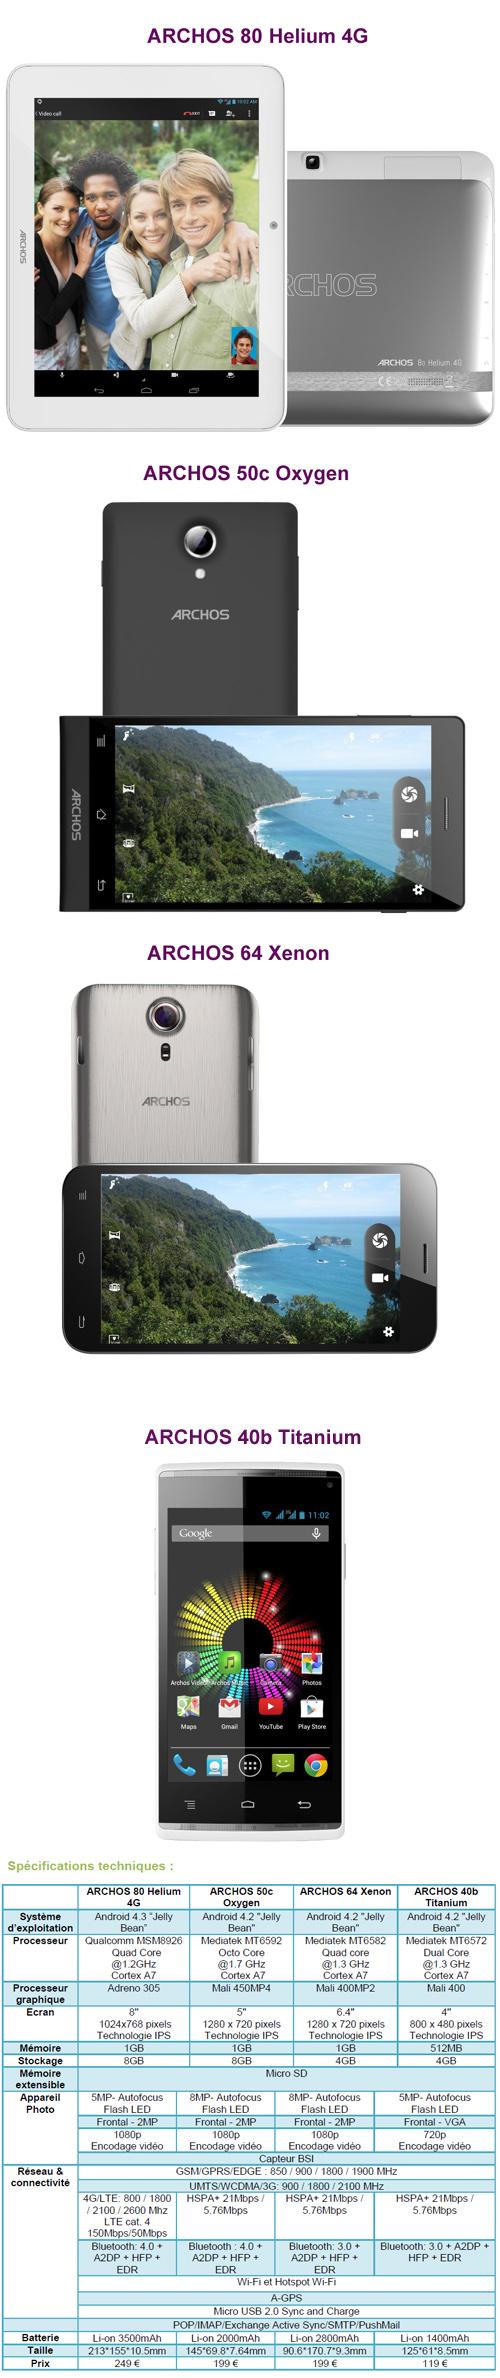 ARCHOS élargit sa gamme de produits 3G / 4G